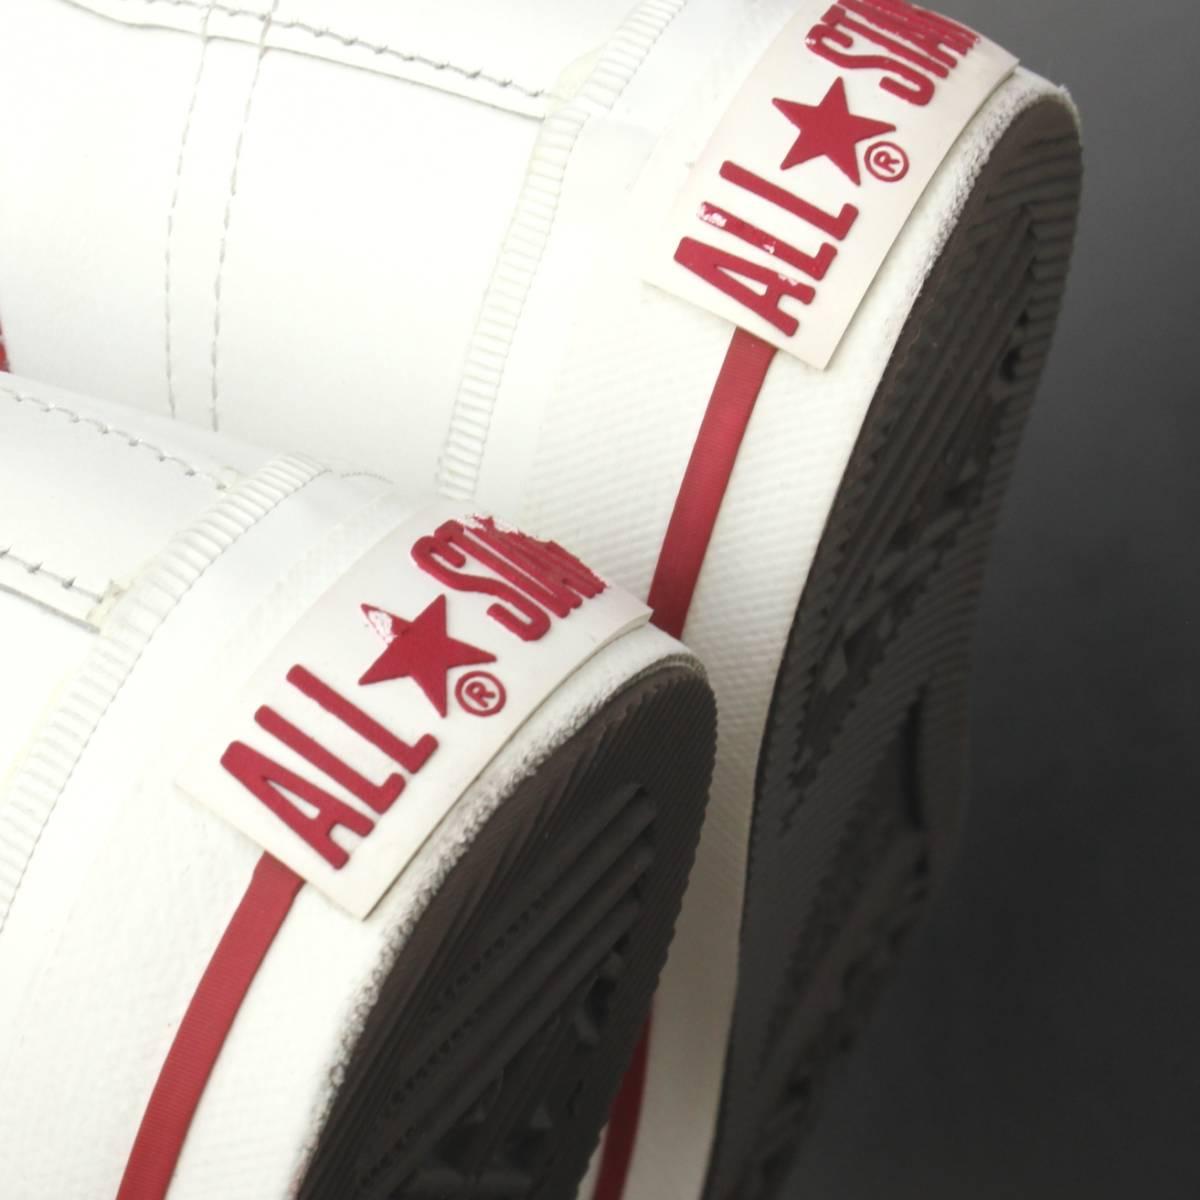 【SALE】極上美品CONVERSEワンスターJ白赤MADE IN JAPAN US8.5 (26.5-27cm) (日本製コンバース ホワイト レッドOXレザー1円スタートyk98057_画像5